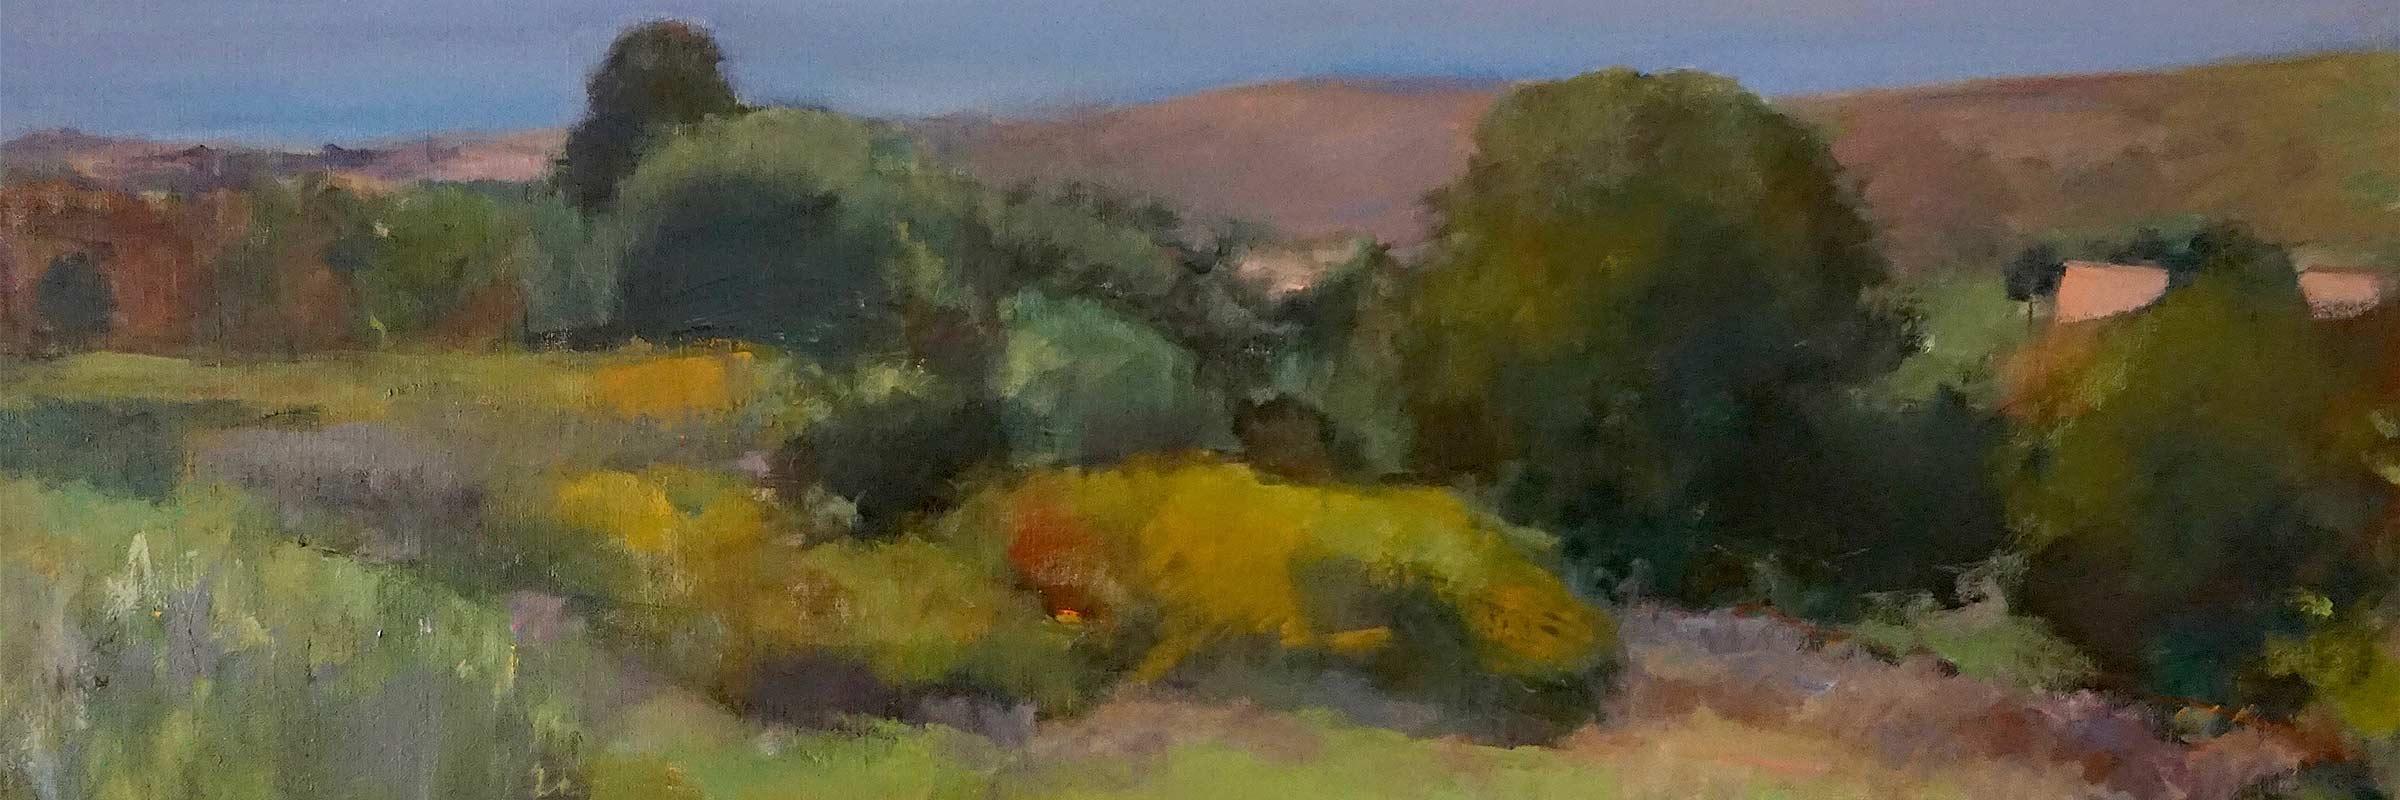 landscape painting Marc Whitney